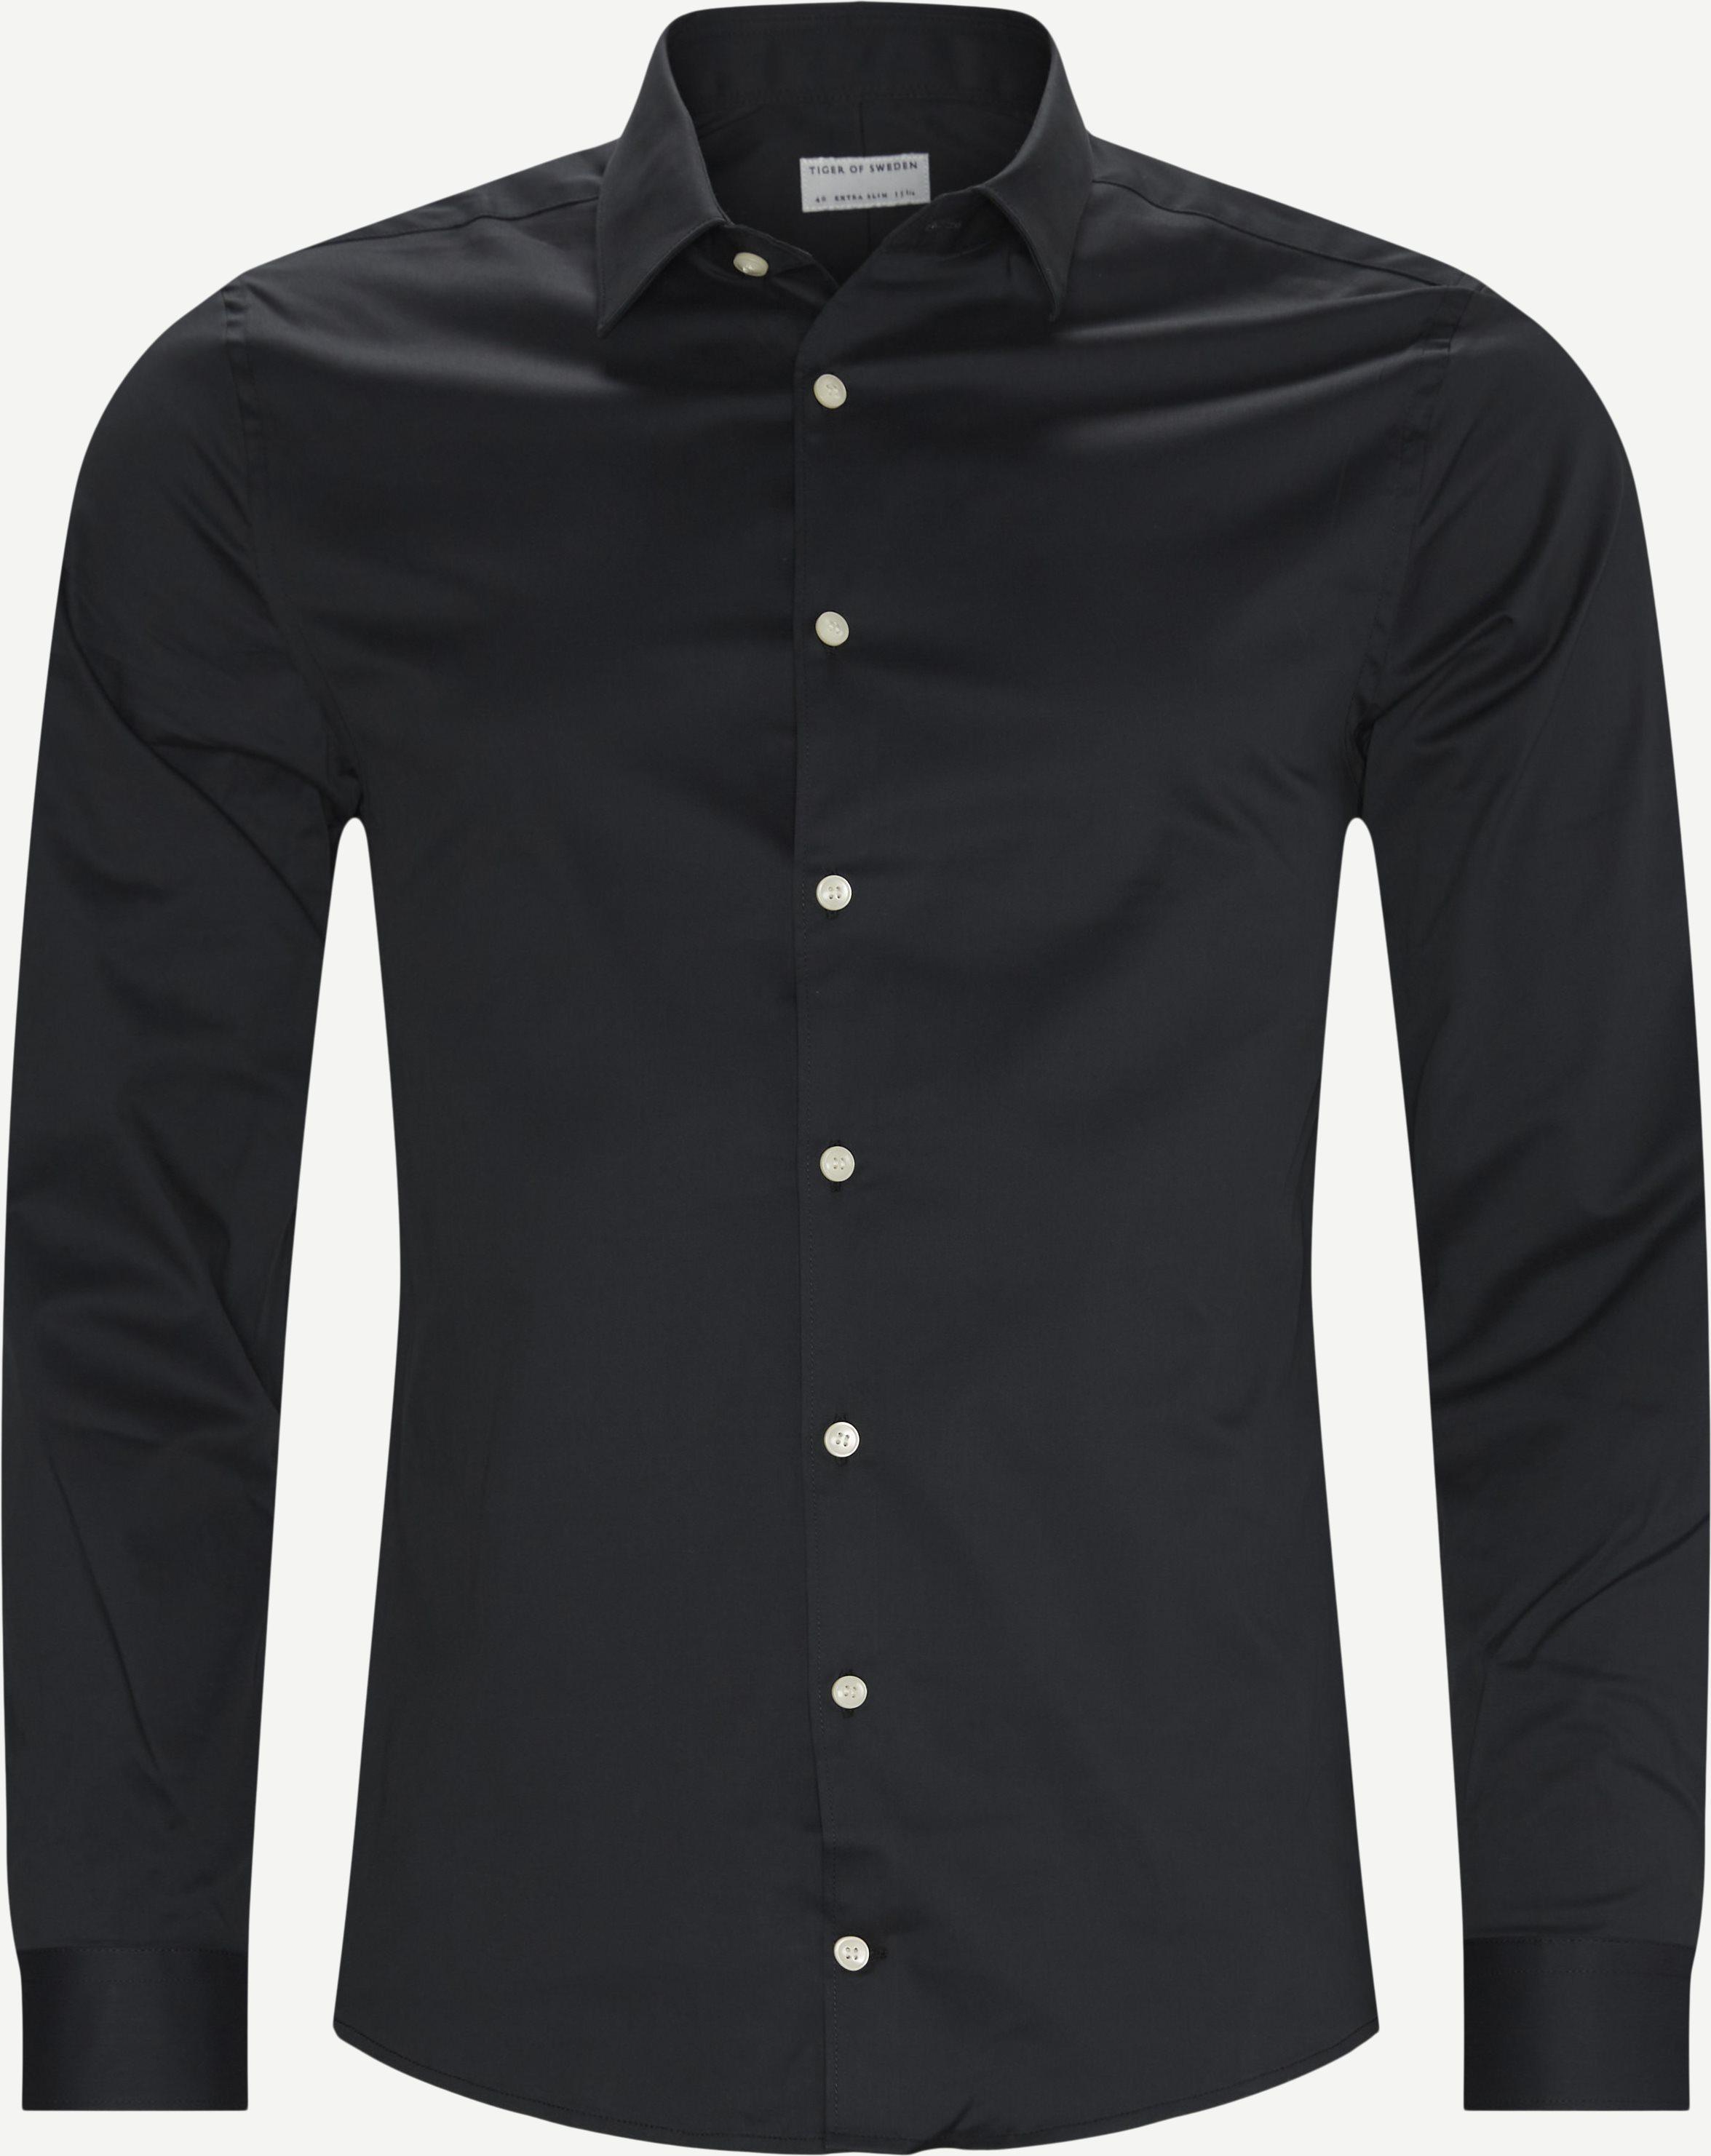 Shirts - Slim - Army